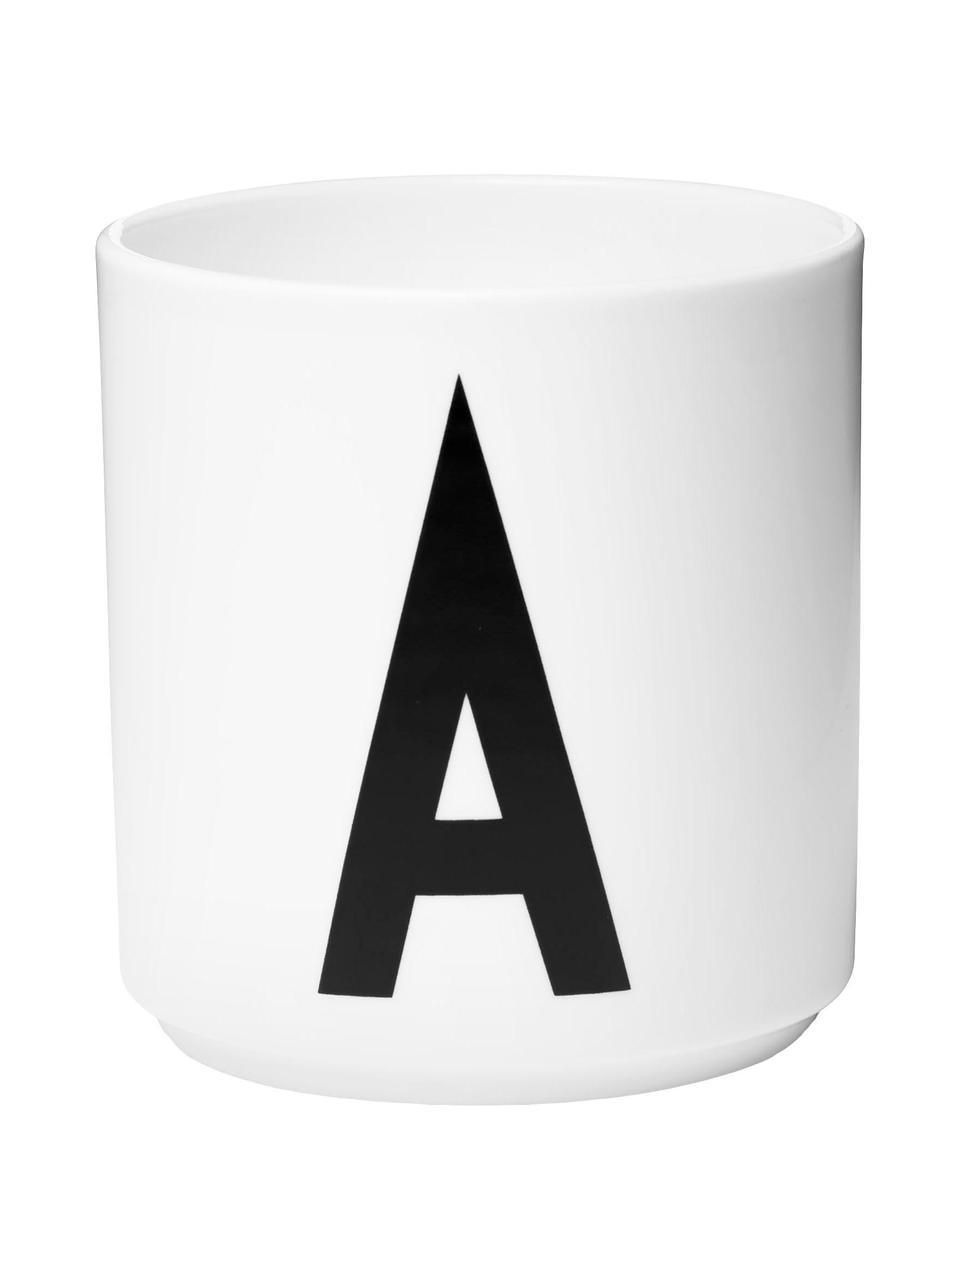 Design Becher Personal mit Buchstaben (Varianten von A bis Z), Fine Bone China (Porzellan) Fine Bone China ist ein Weichporzellan, das sich besonders durch seinen strahlenden, durchscheinenden Glanz auszeichnet., Weiß, Schwarz, Becher A